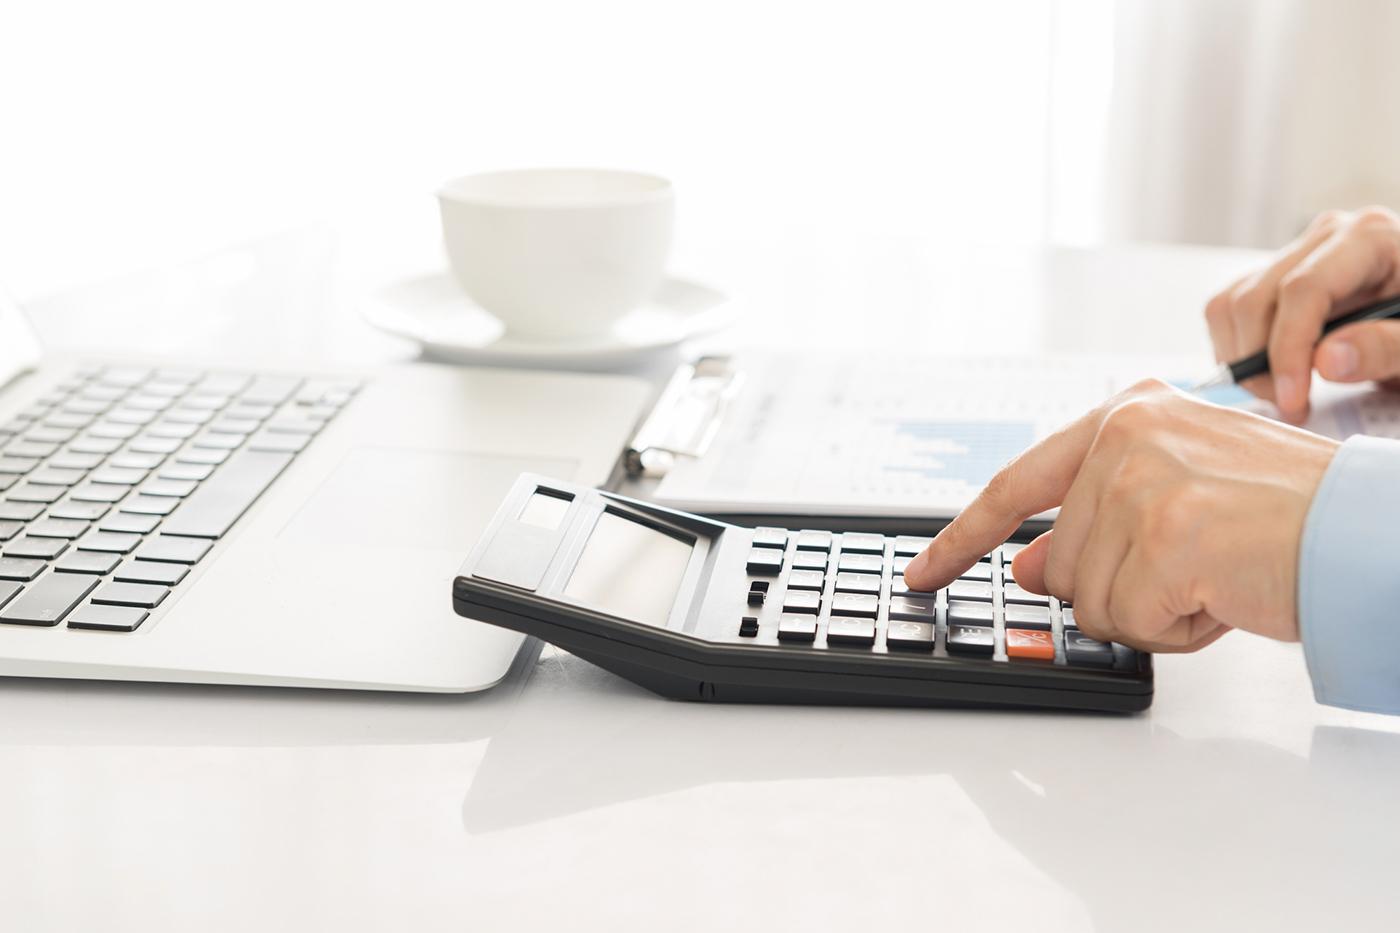 calculadoras financeiras